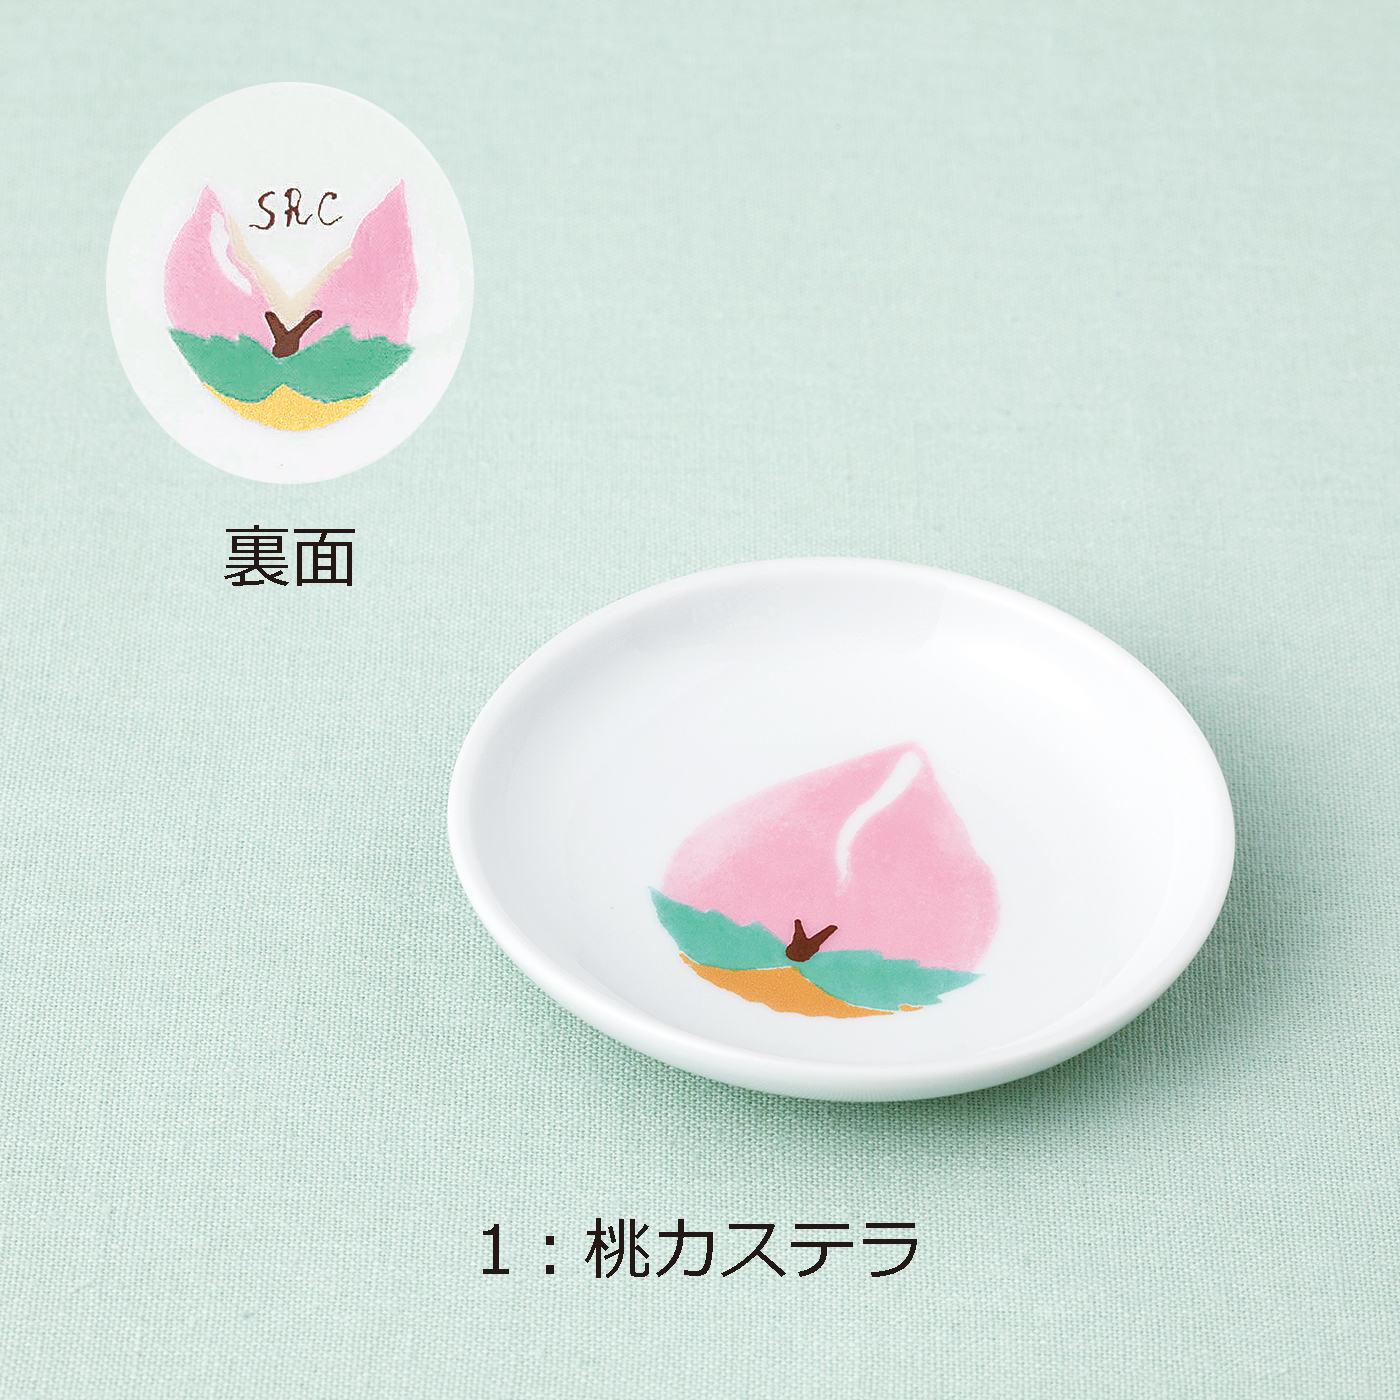 中国で縁起がよいとされるモチーフの「桃」と、ポルトガル伝来の「カステラ」が融合。長崎では、桃の節句に贈る内祝いの定番としても。